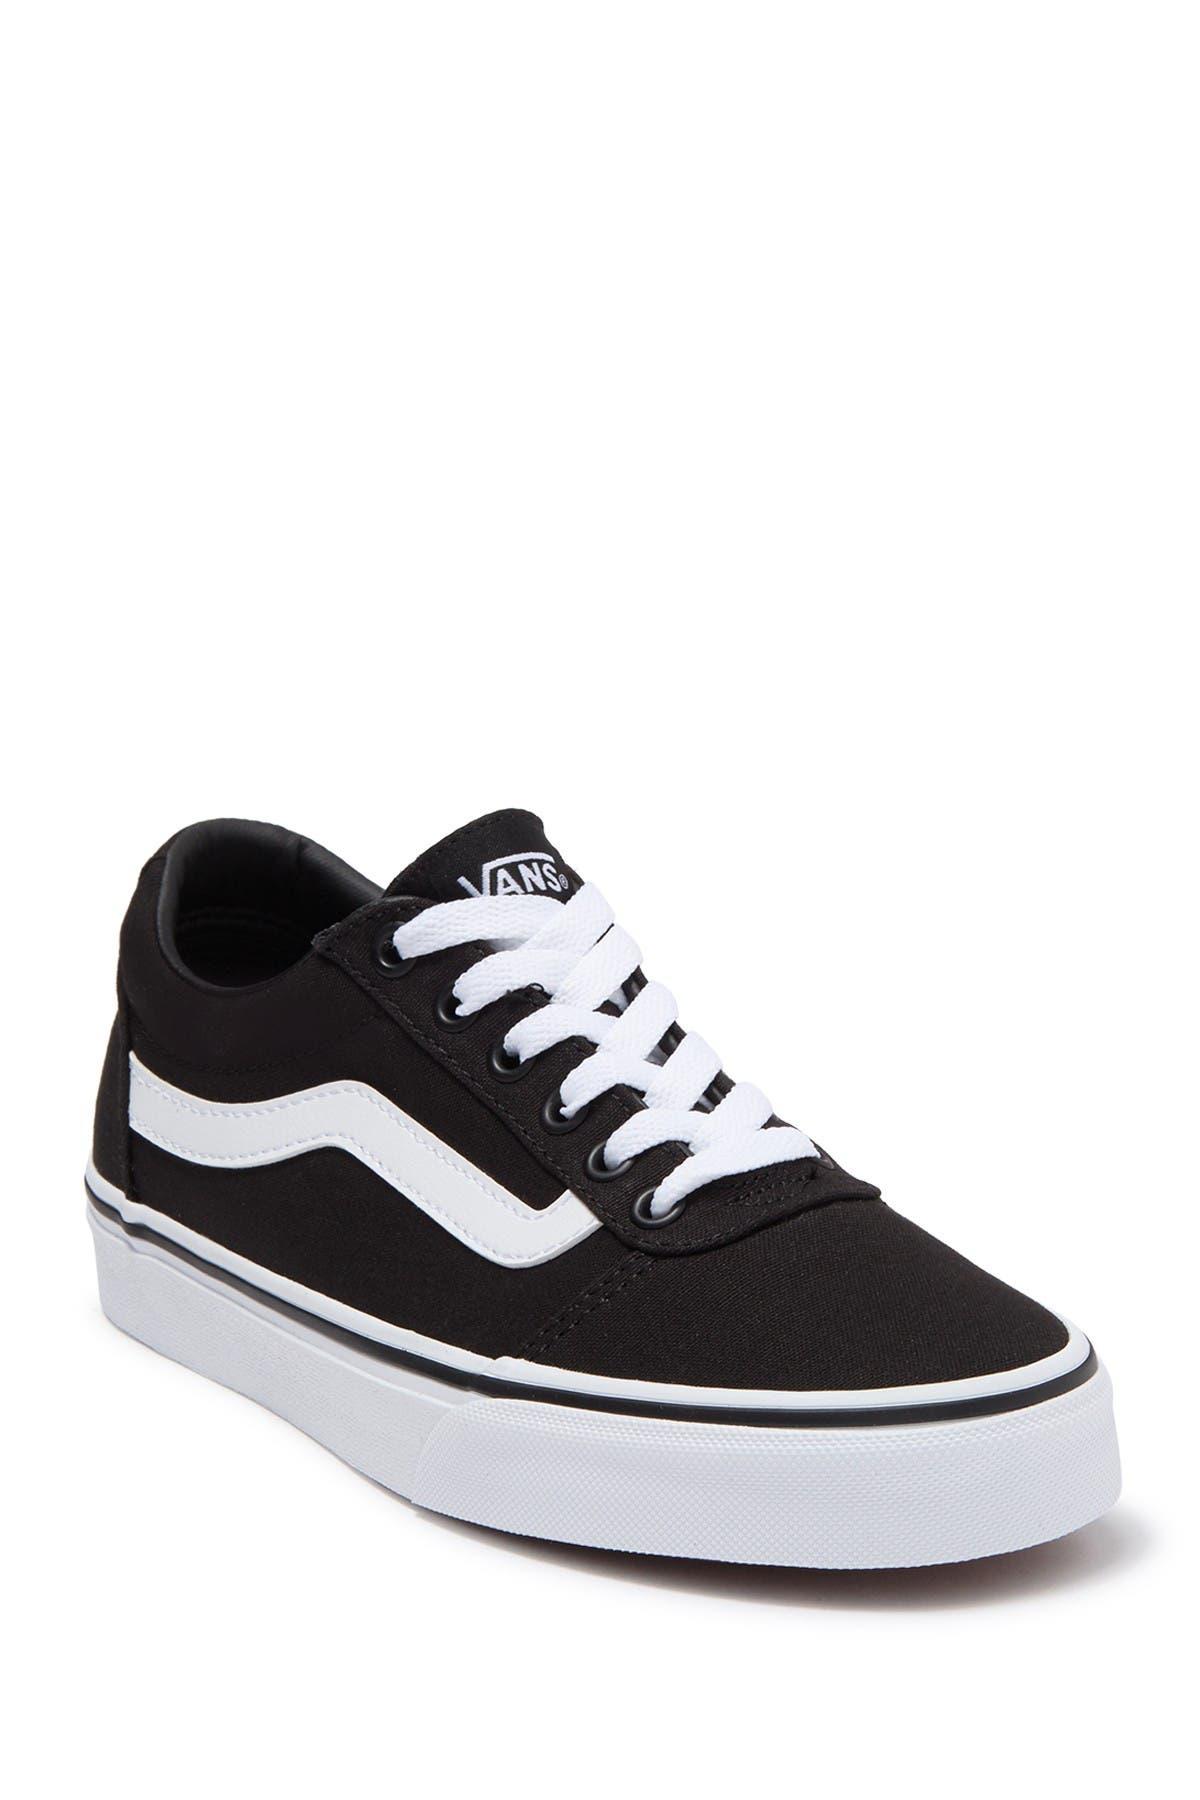 VANS | Ward Sneaker | Nordstrom Rack